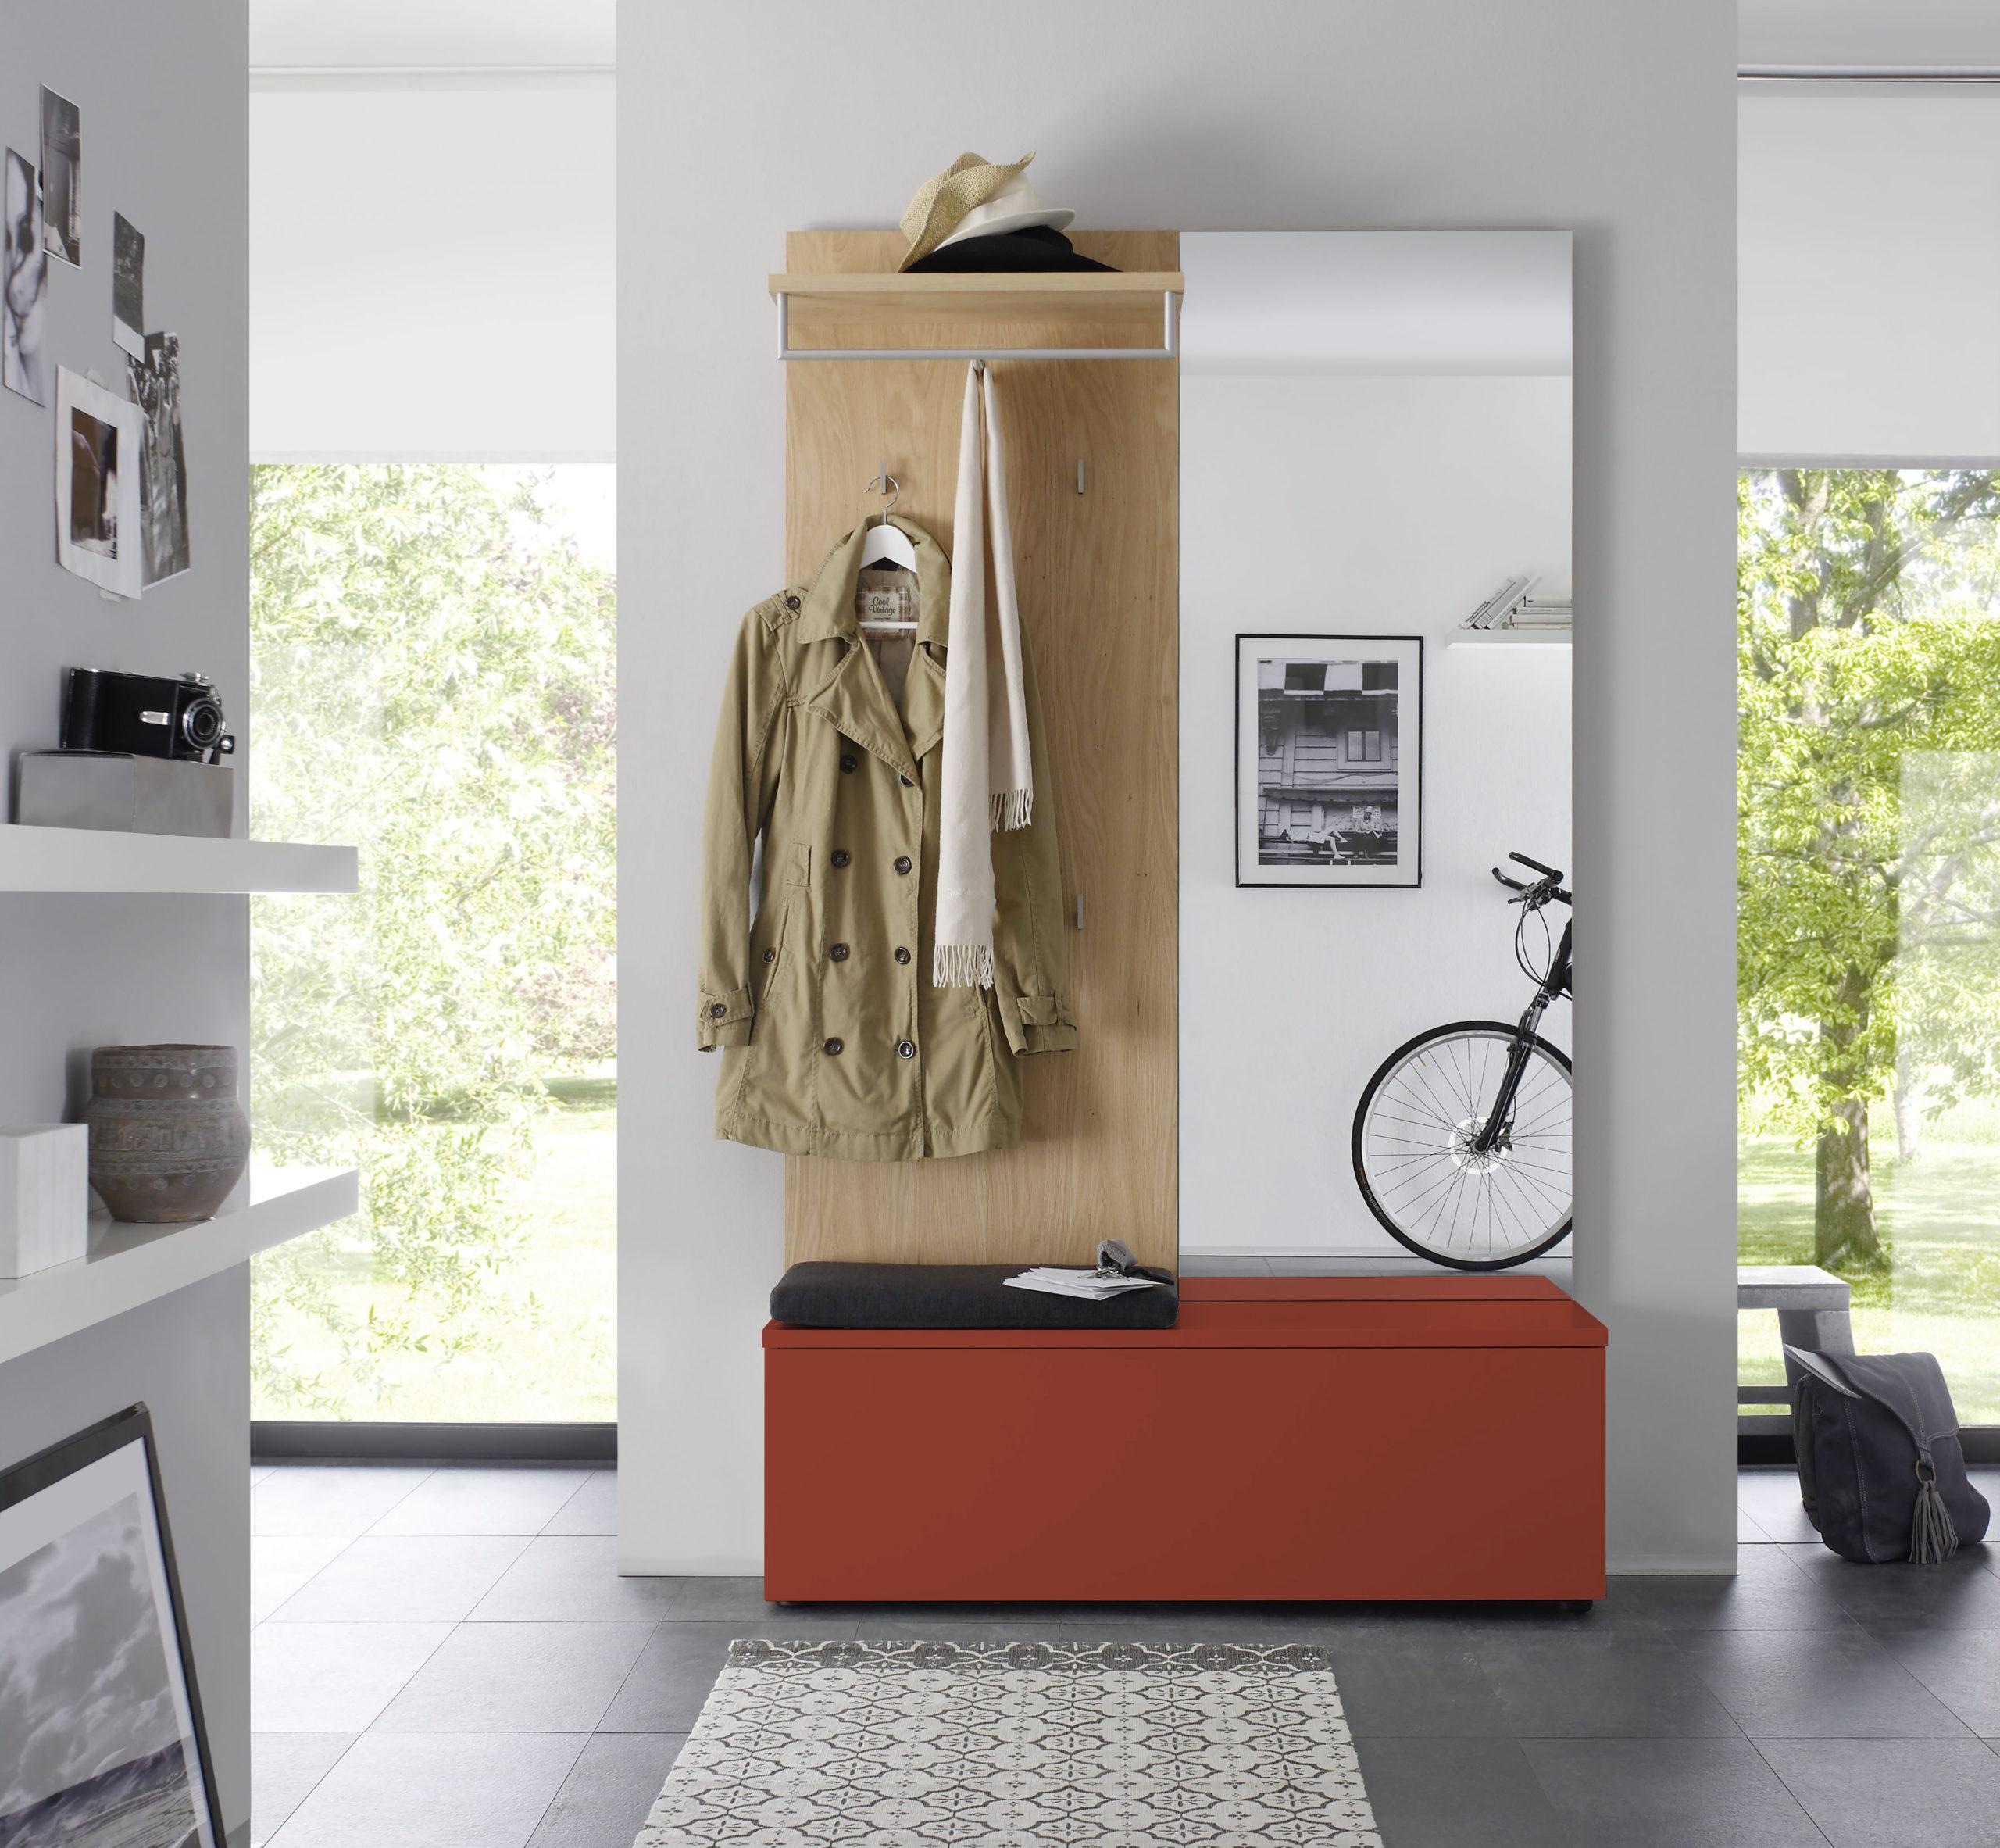 Sudbrock TANDO Garderobe in der Ausführung Ethno Eiche, Lack indisch rot #477